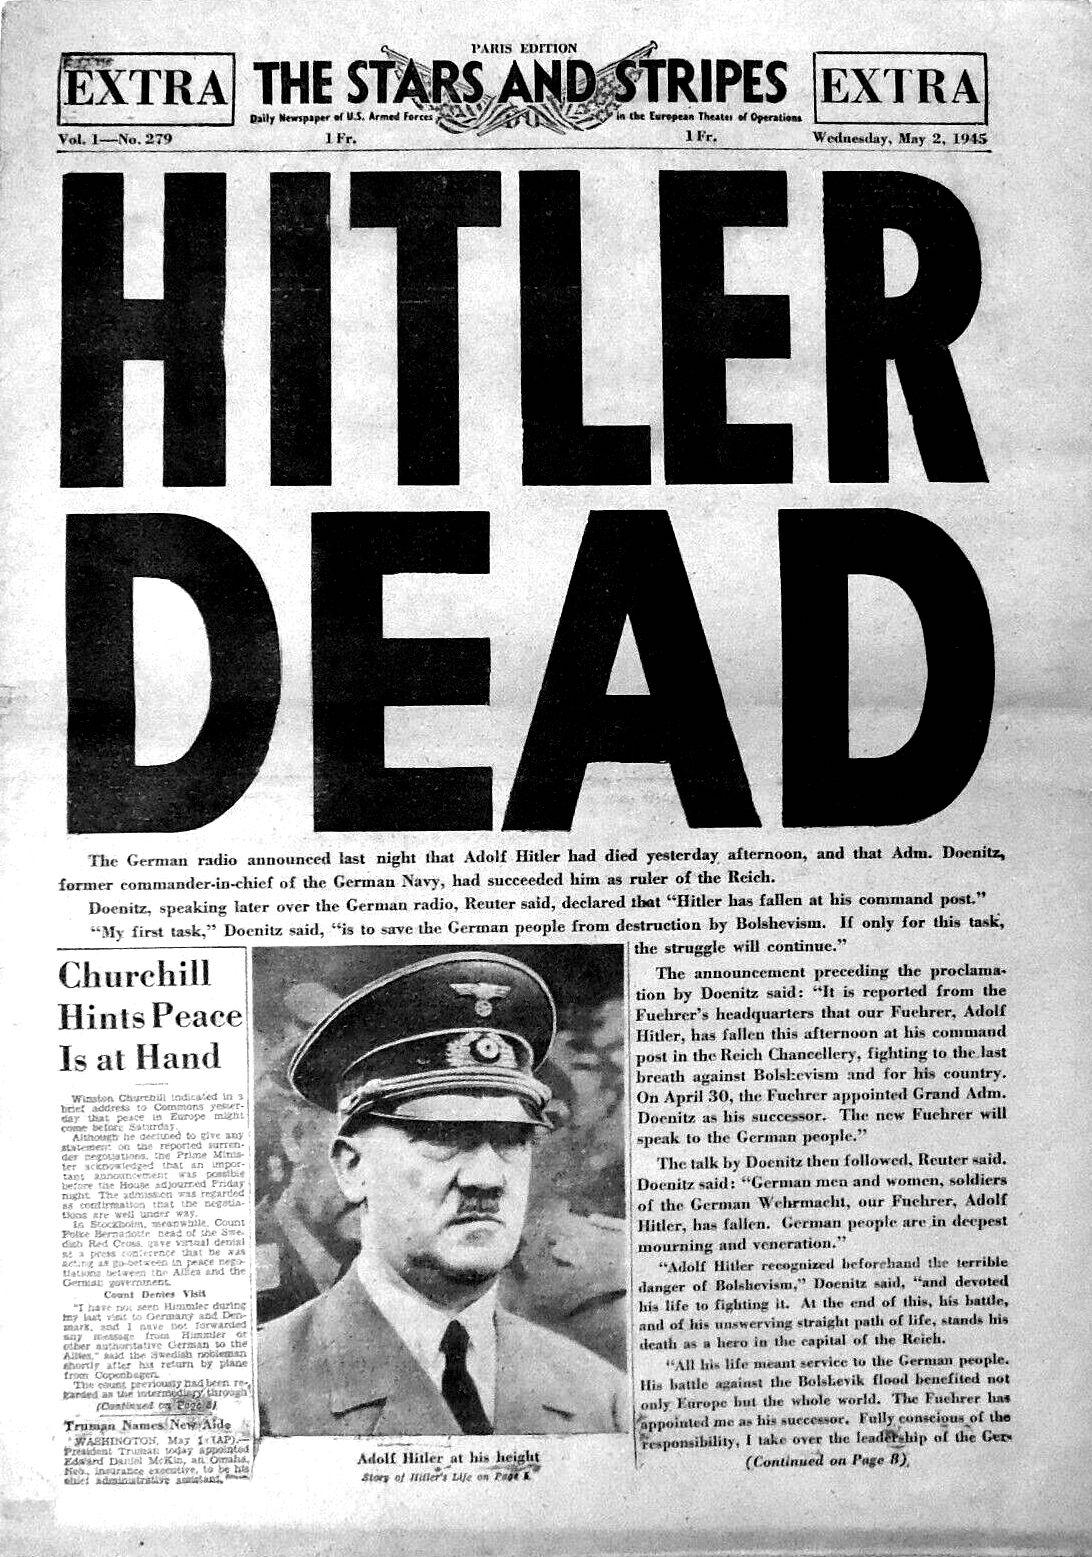 A headline in the U.S. Army newspaper Stars an...